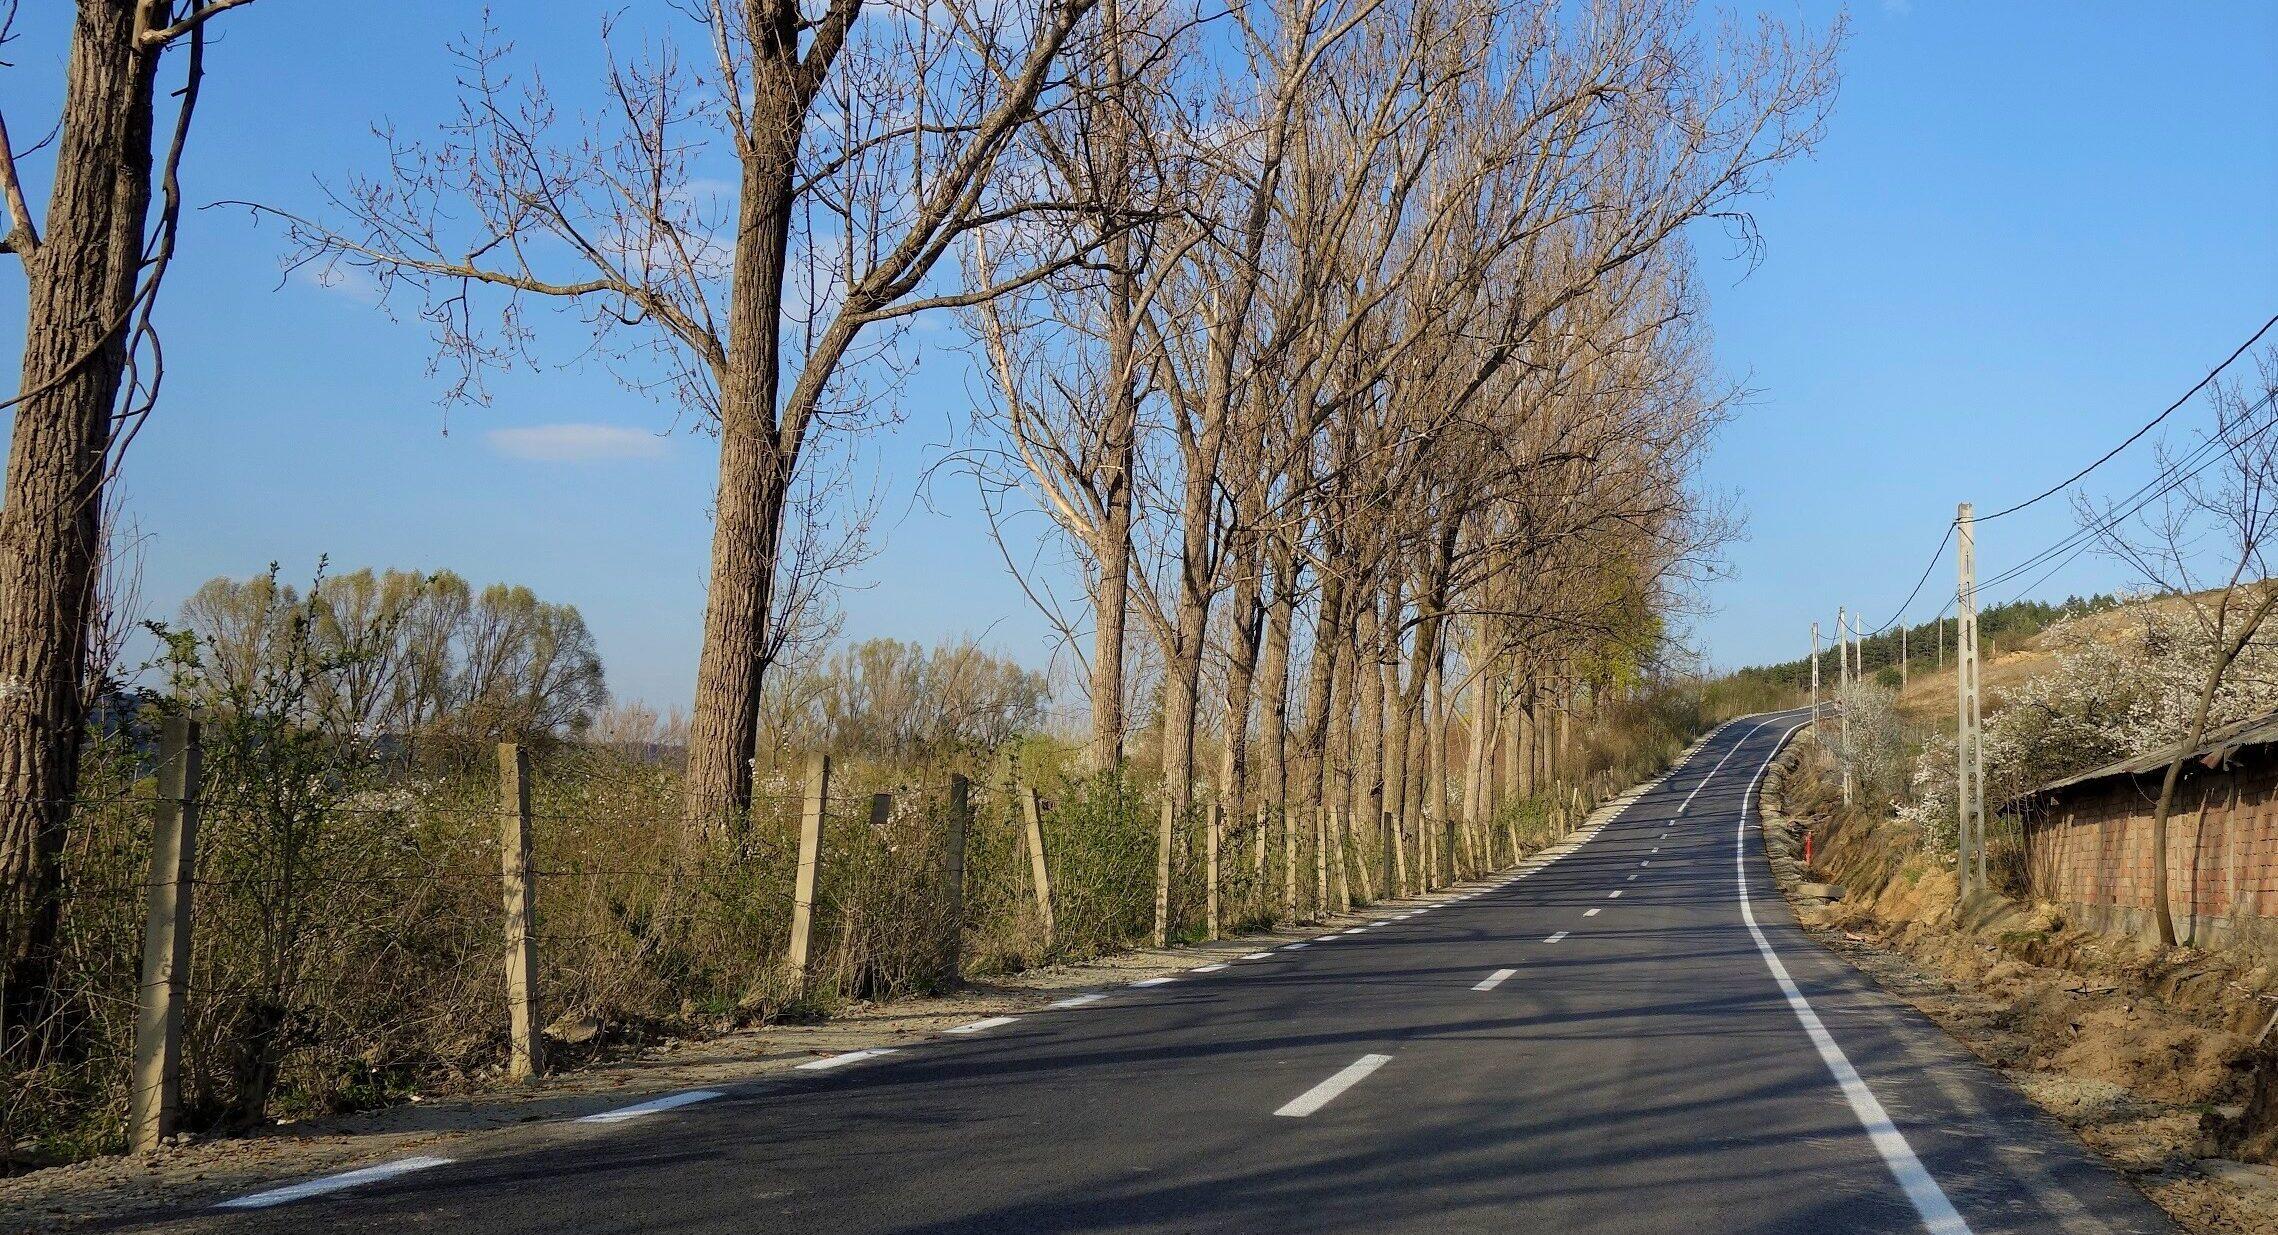 Reparatii drumuri modernizate si nemodernizate in comuna Floresti